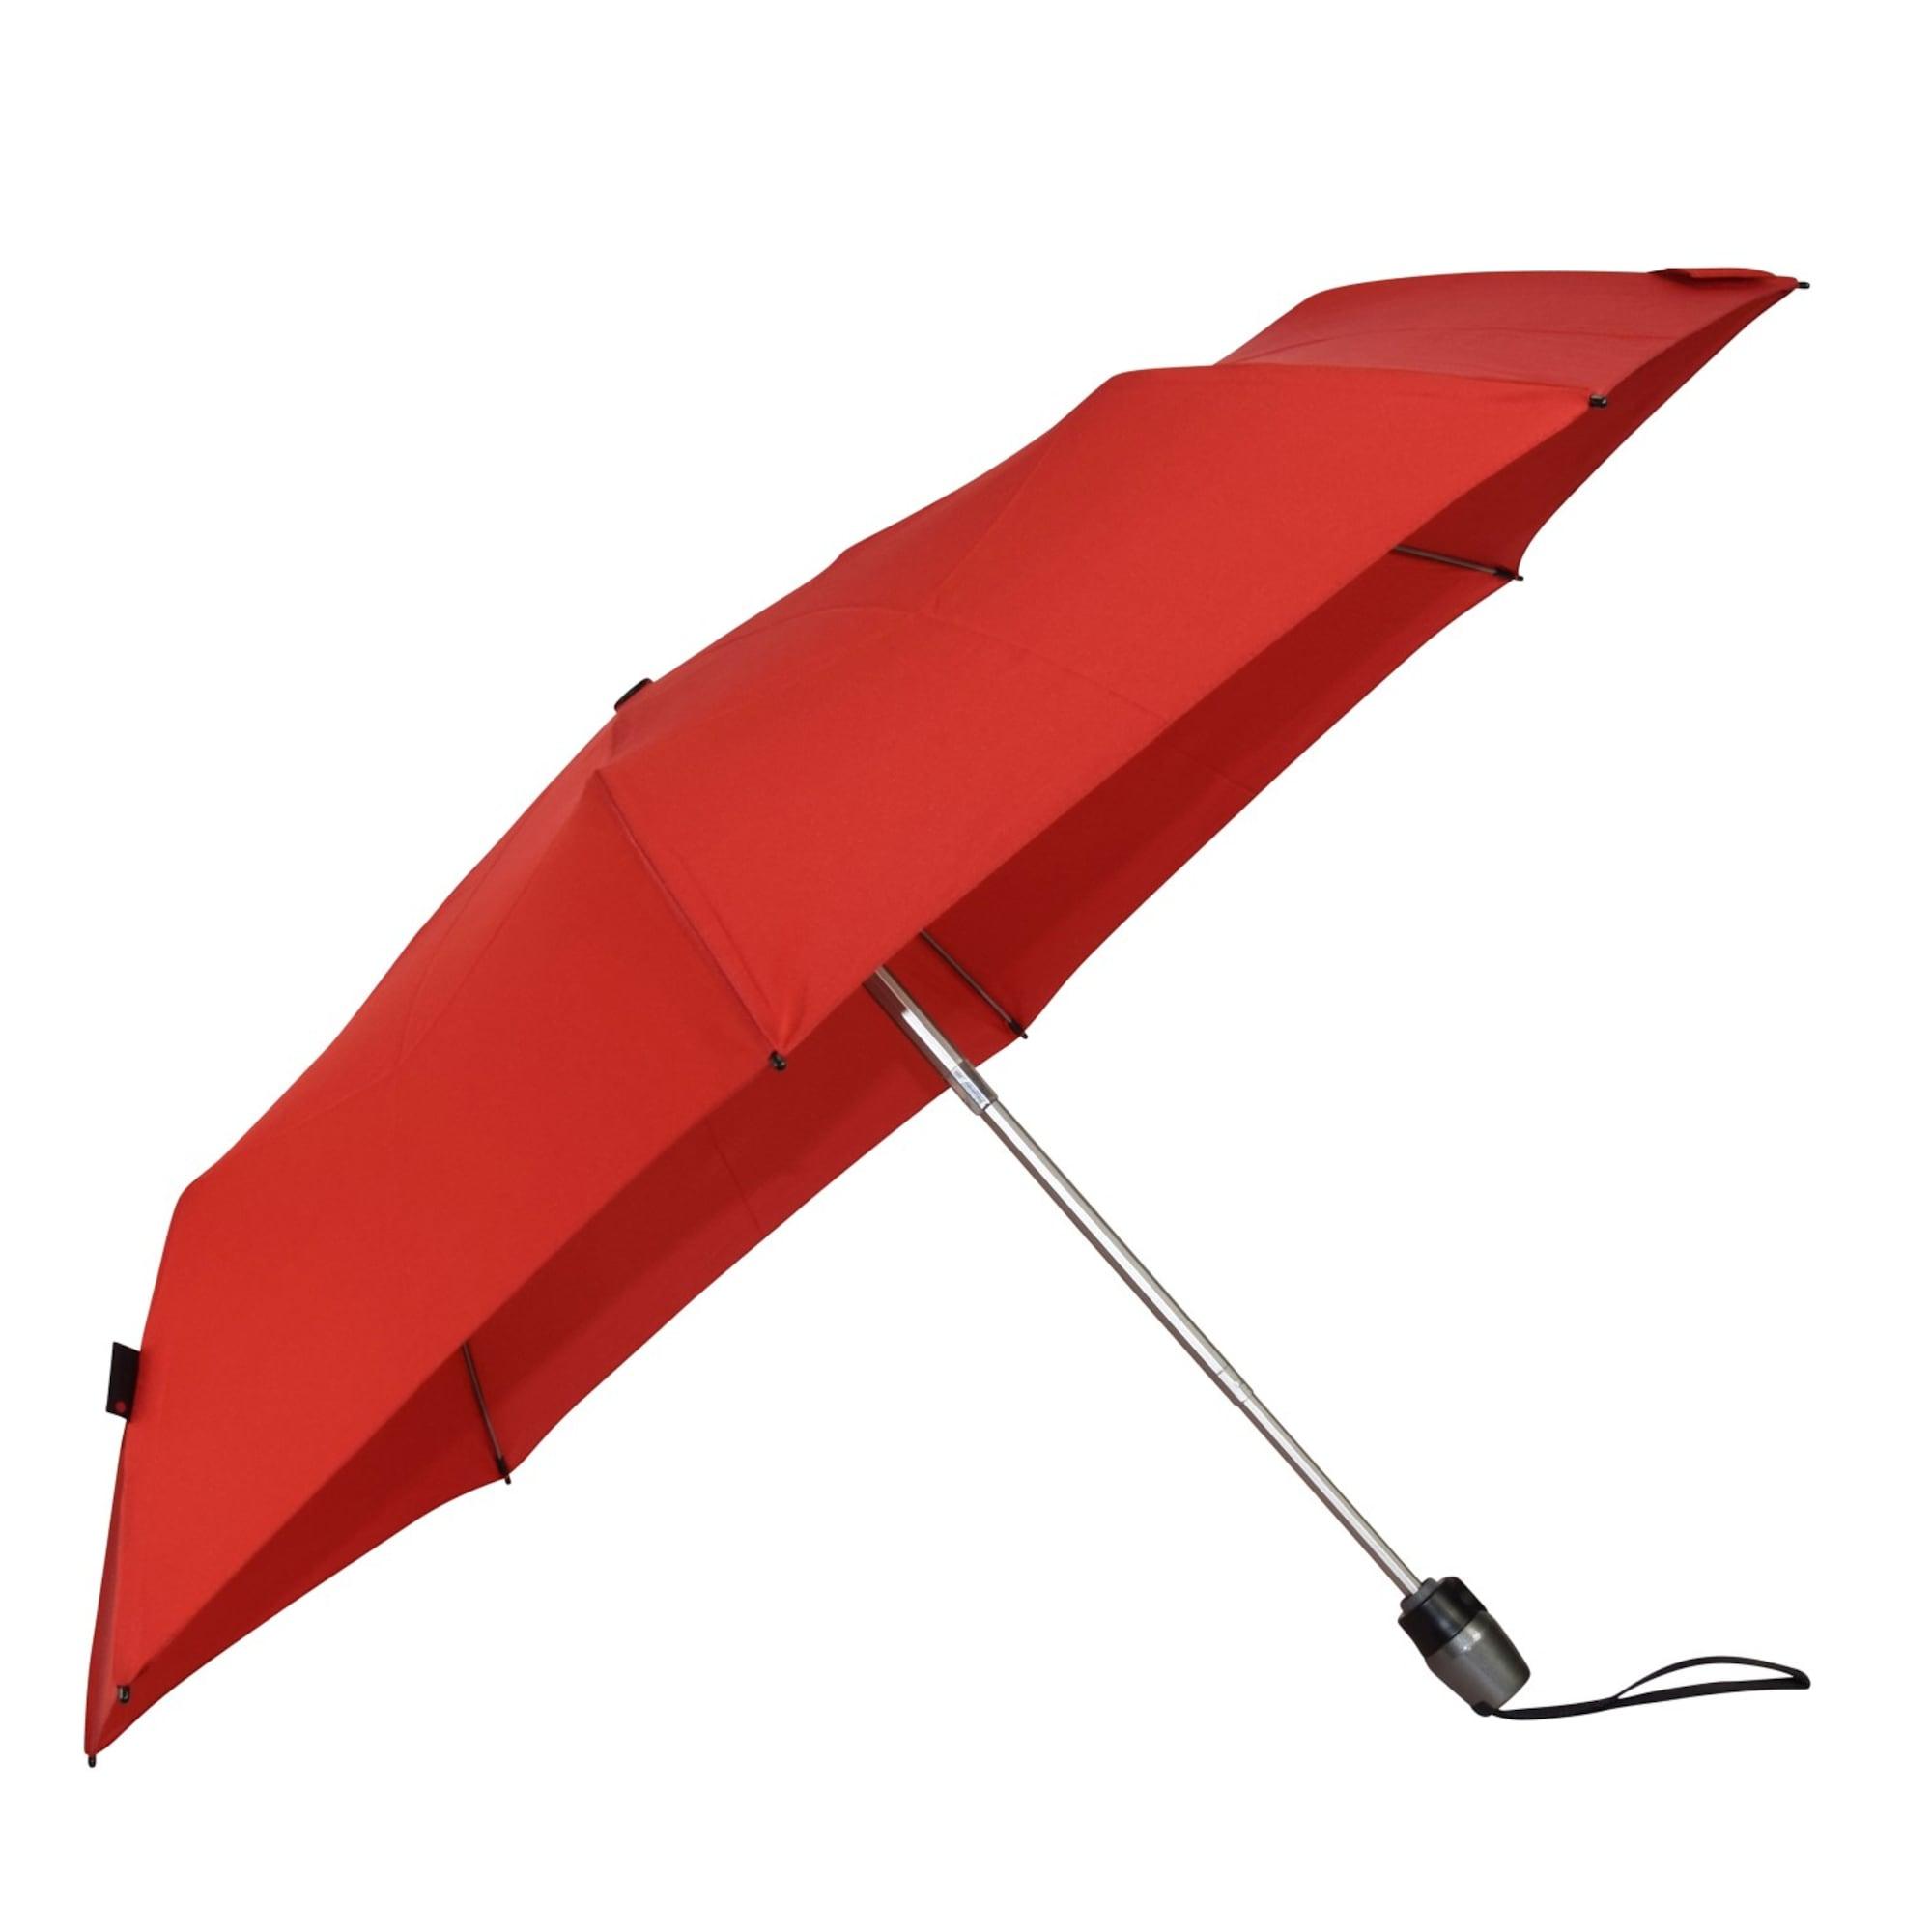 Regenschirm | Accessoires > Regenschirme > Sonstige Regenschirme | Rot | knirps